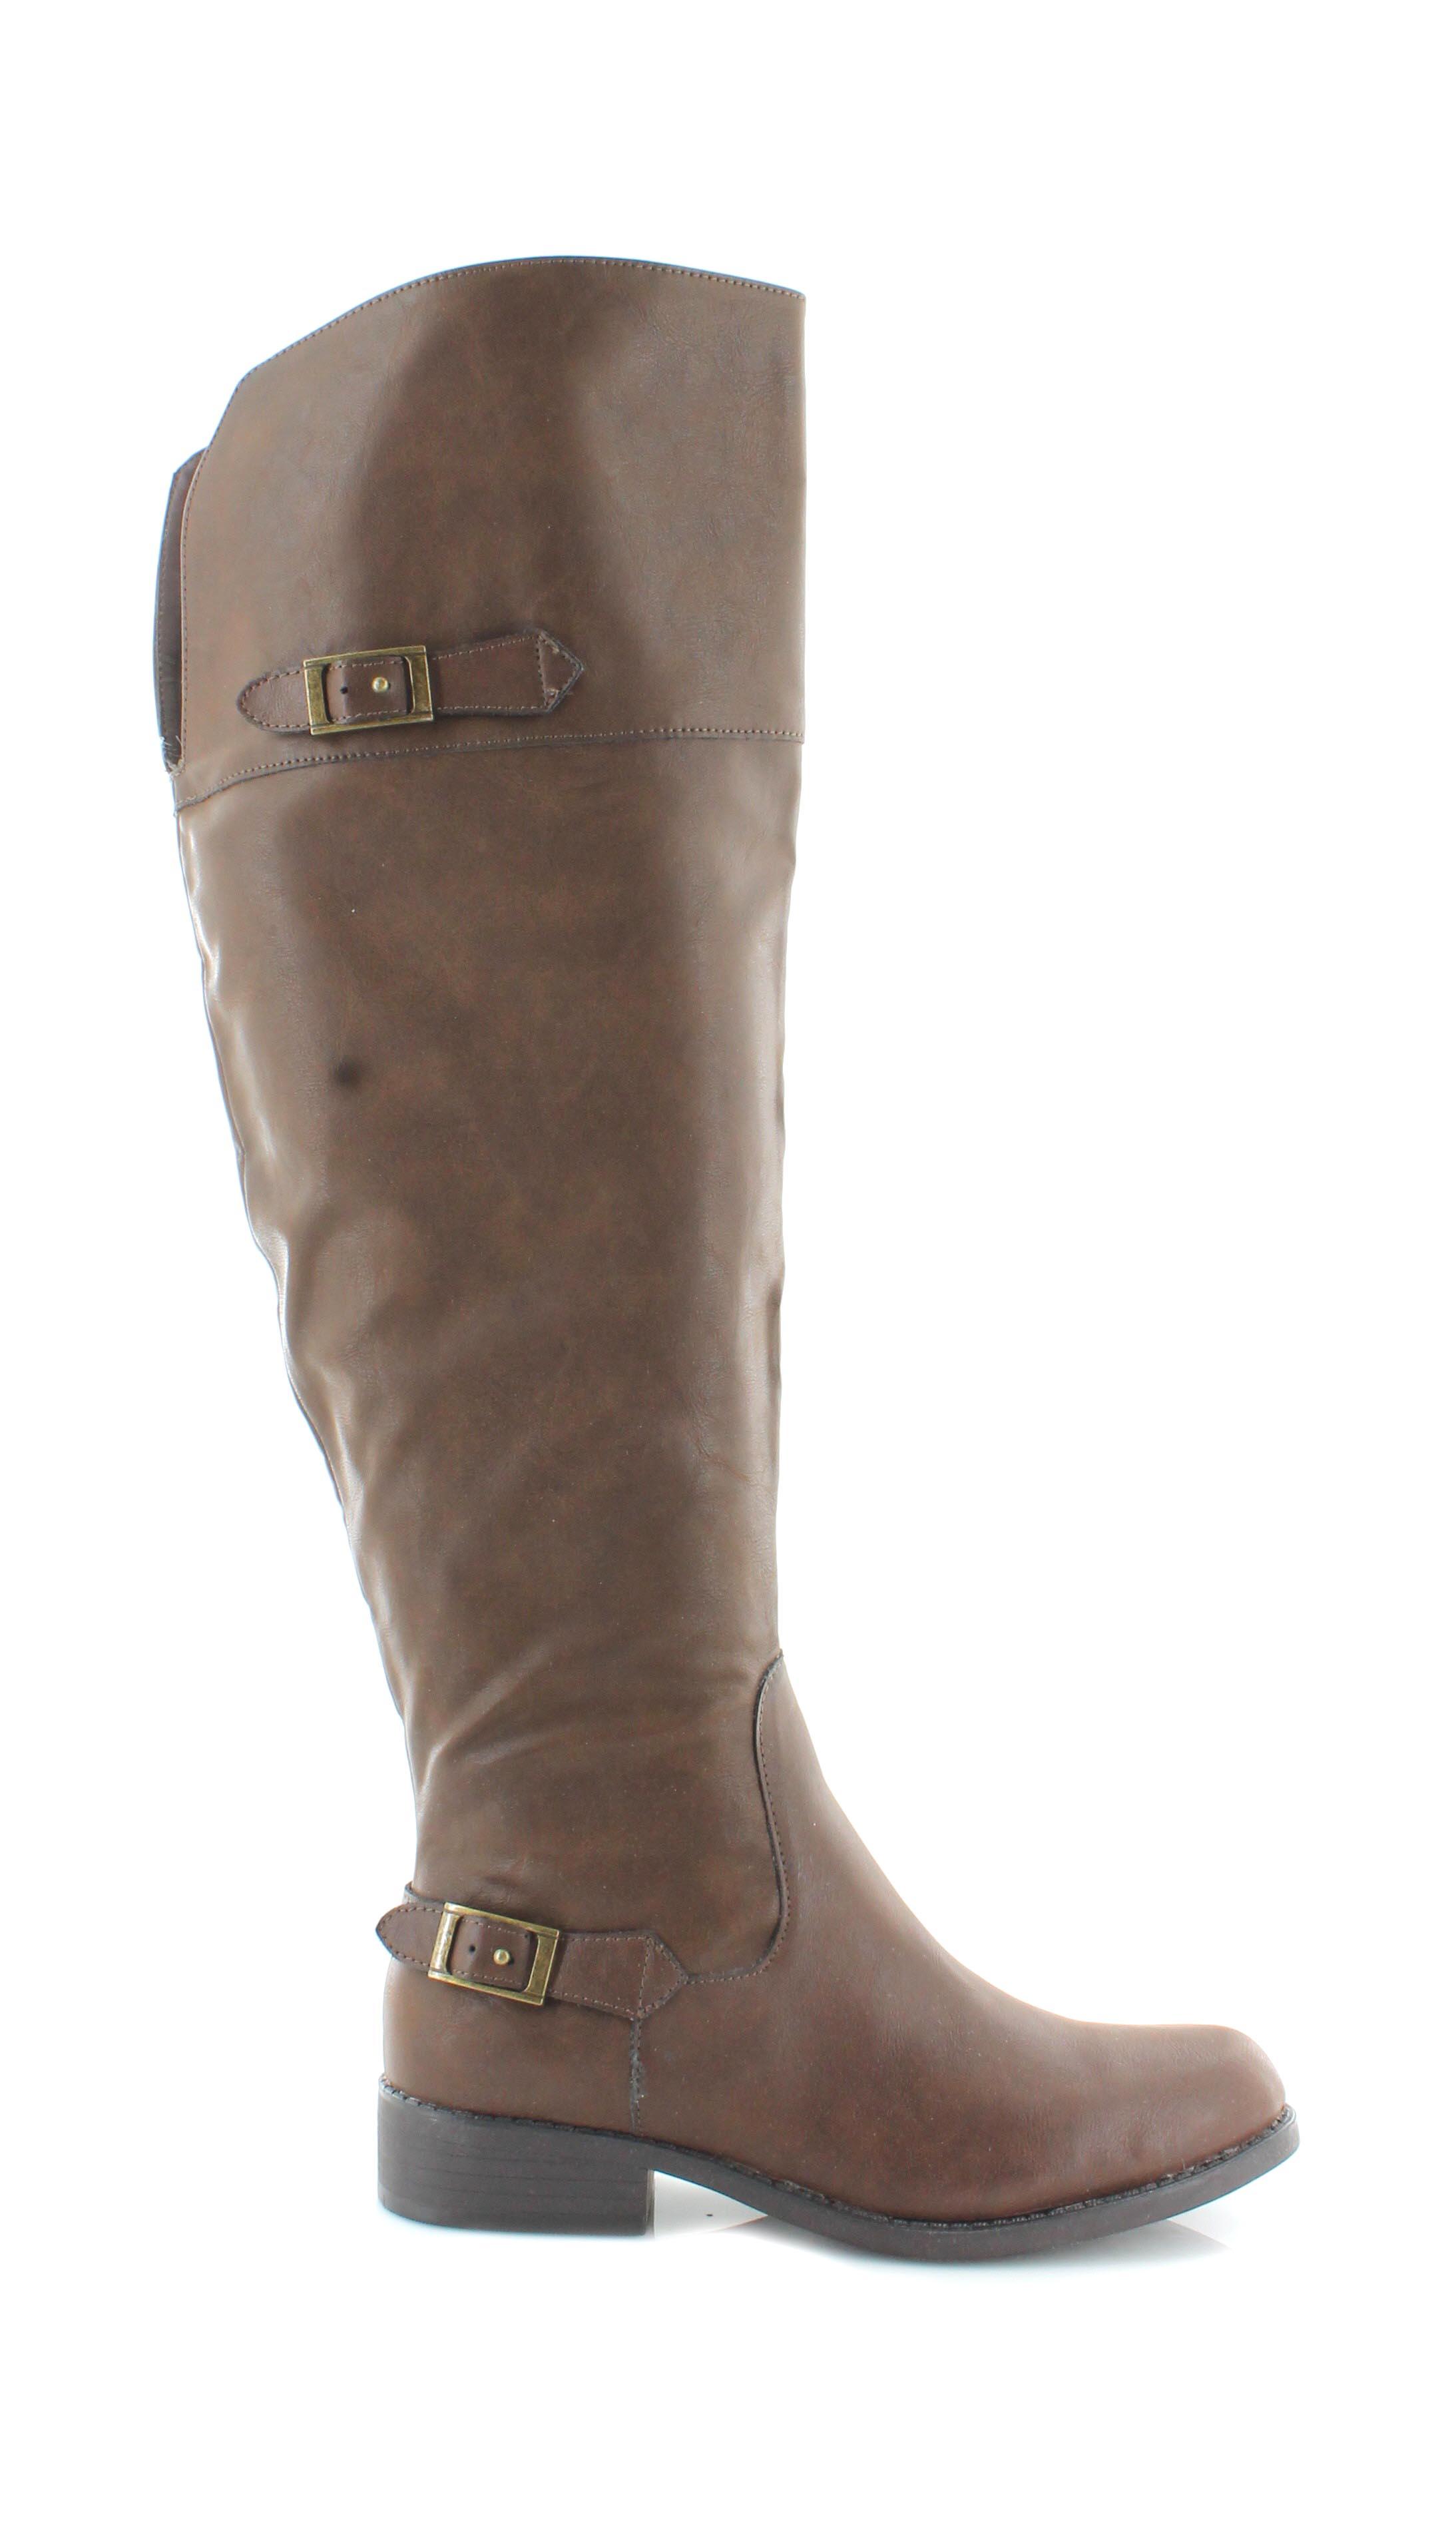 American Rag Ada Women's Boots Brown